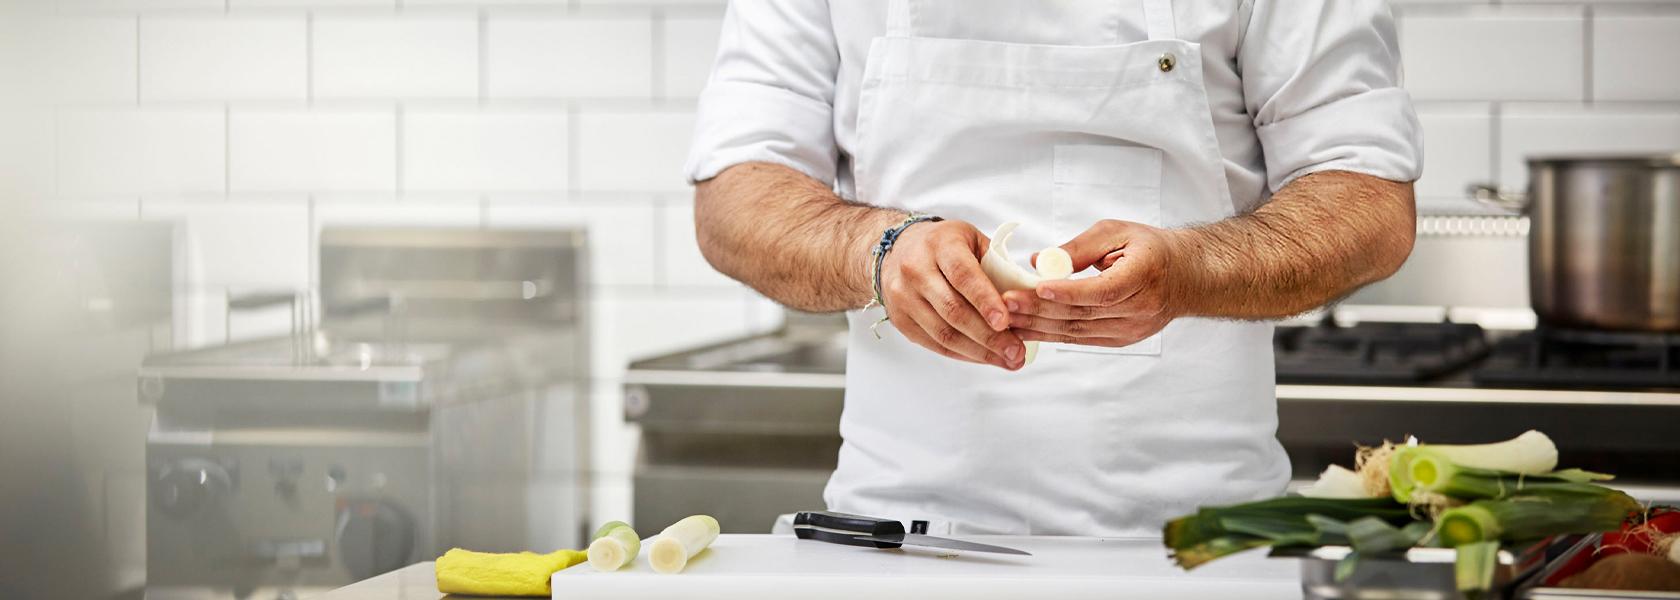 Ein Koch in Arbeitskleidung bei der Arbeit.